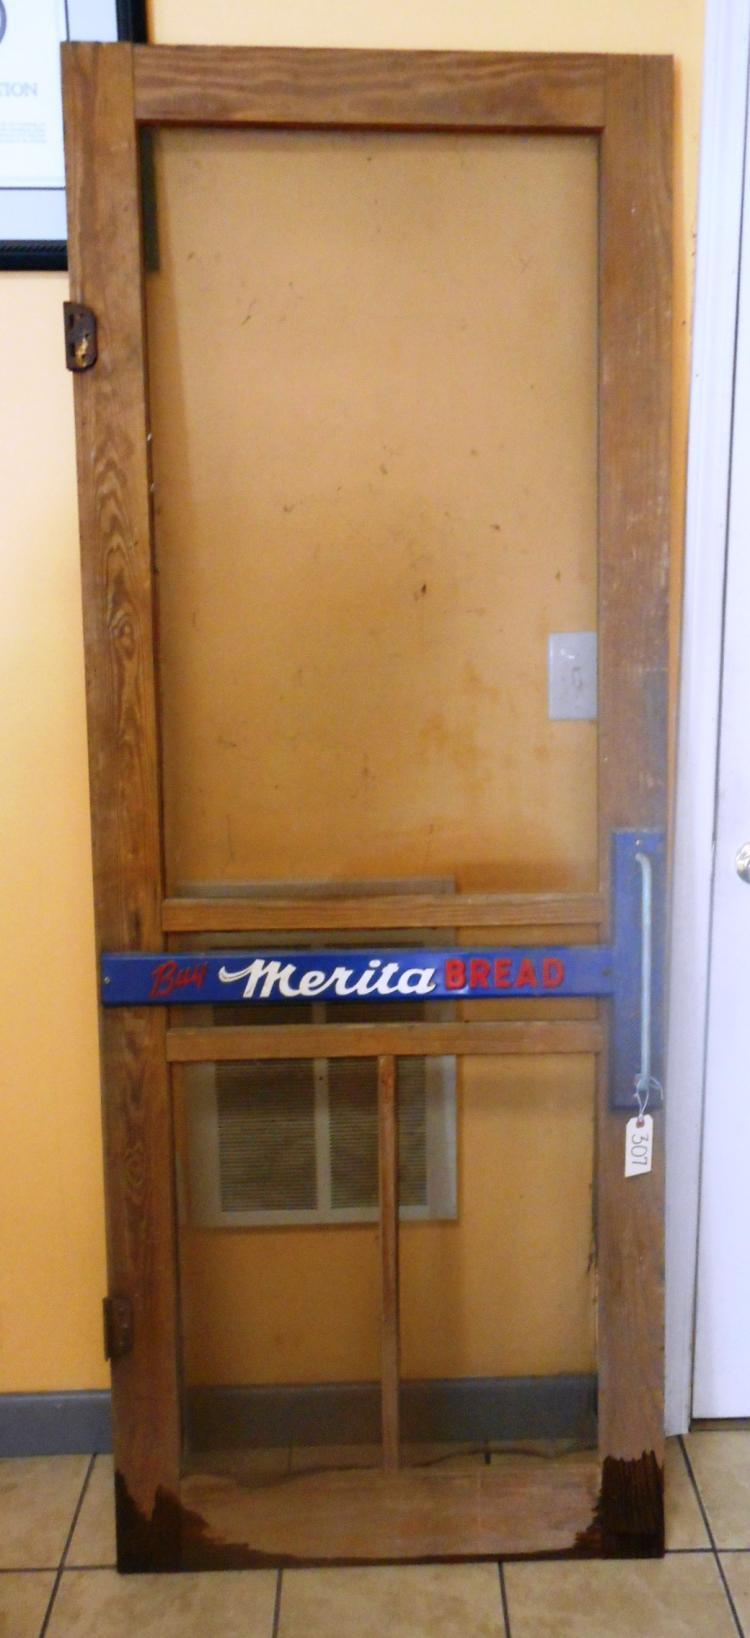 Merita Bread Screen Door